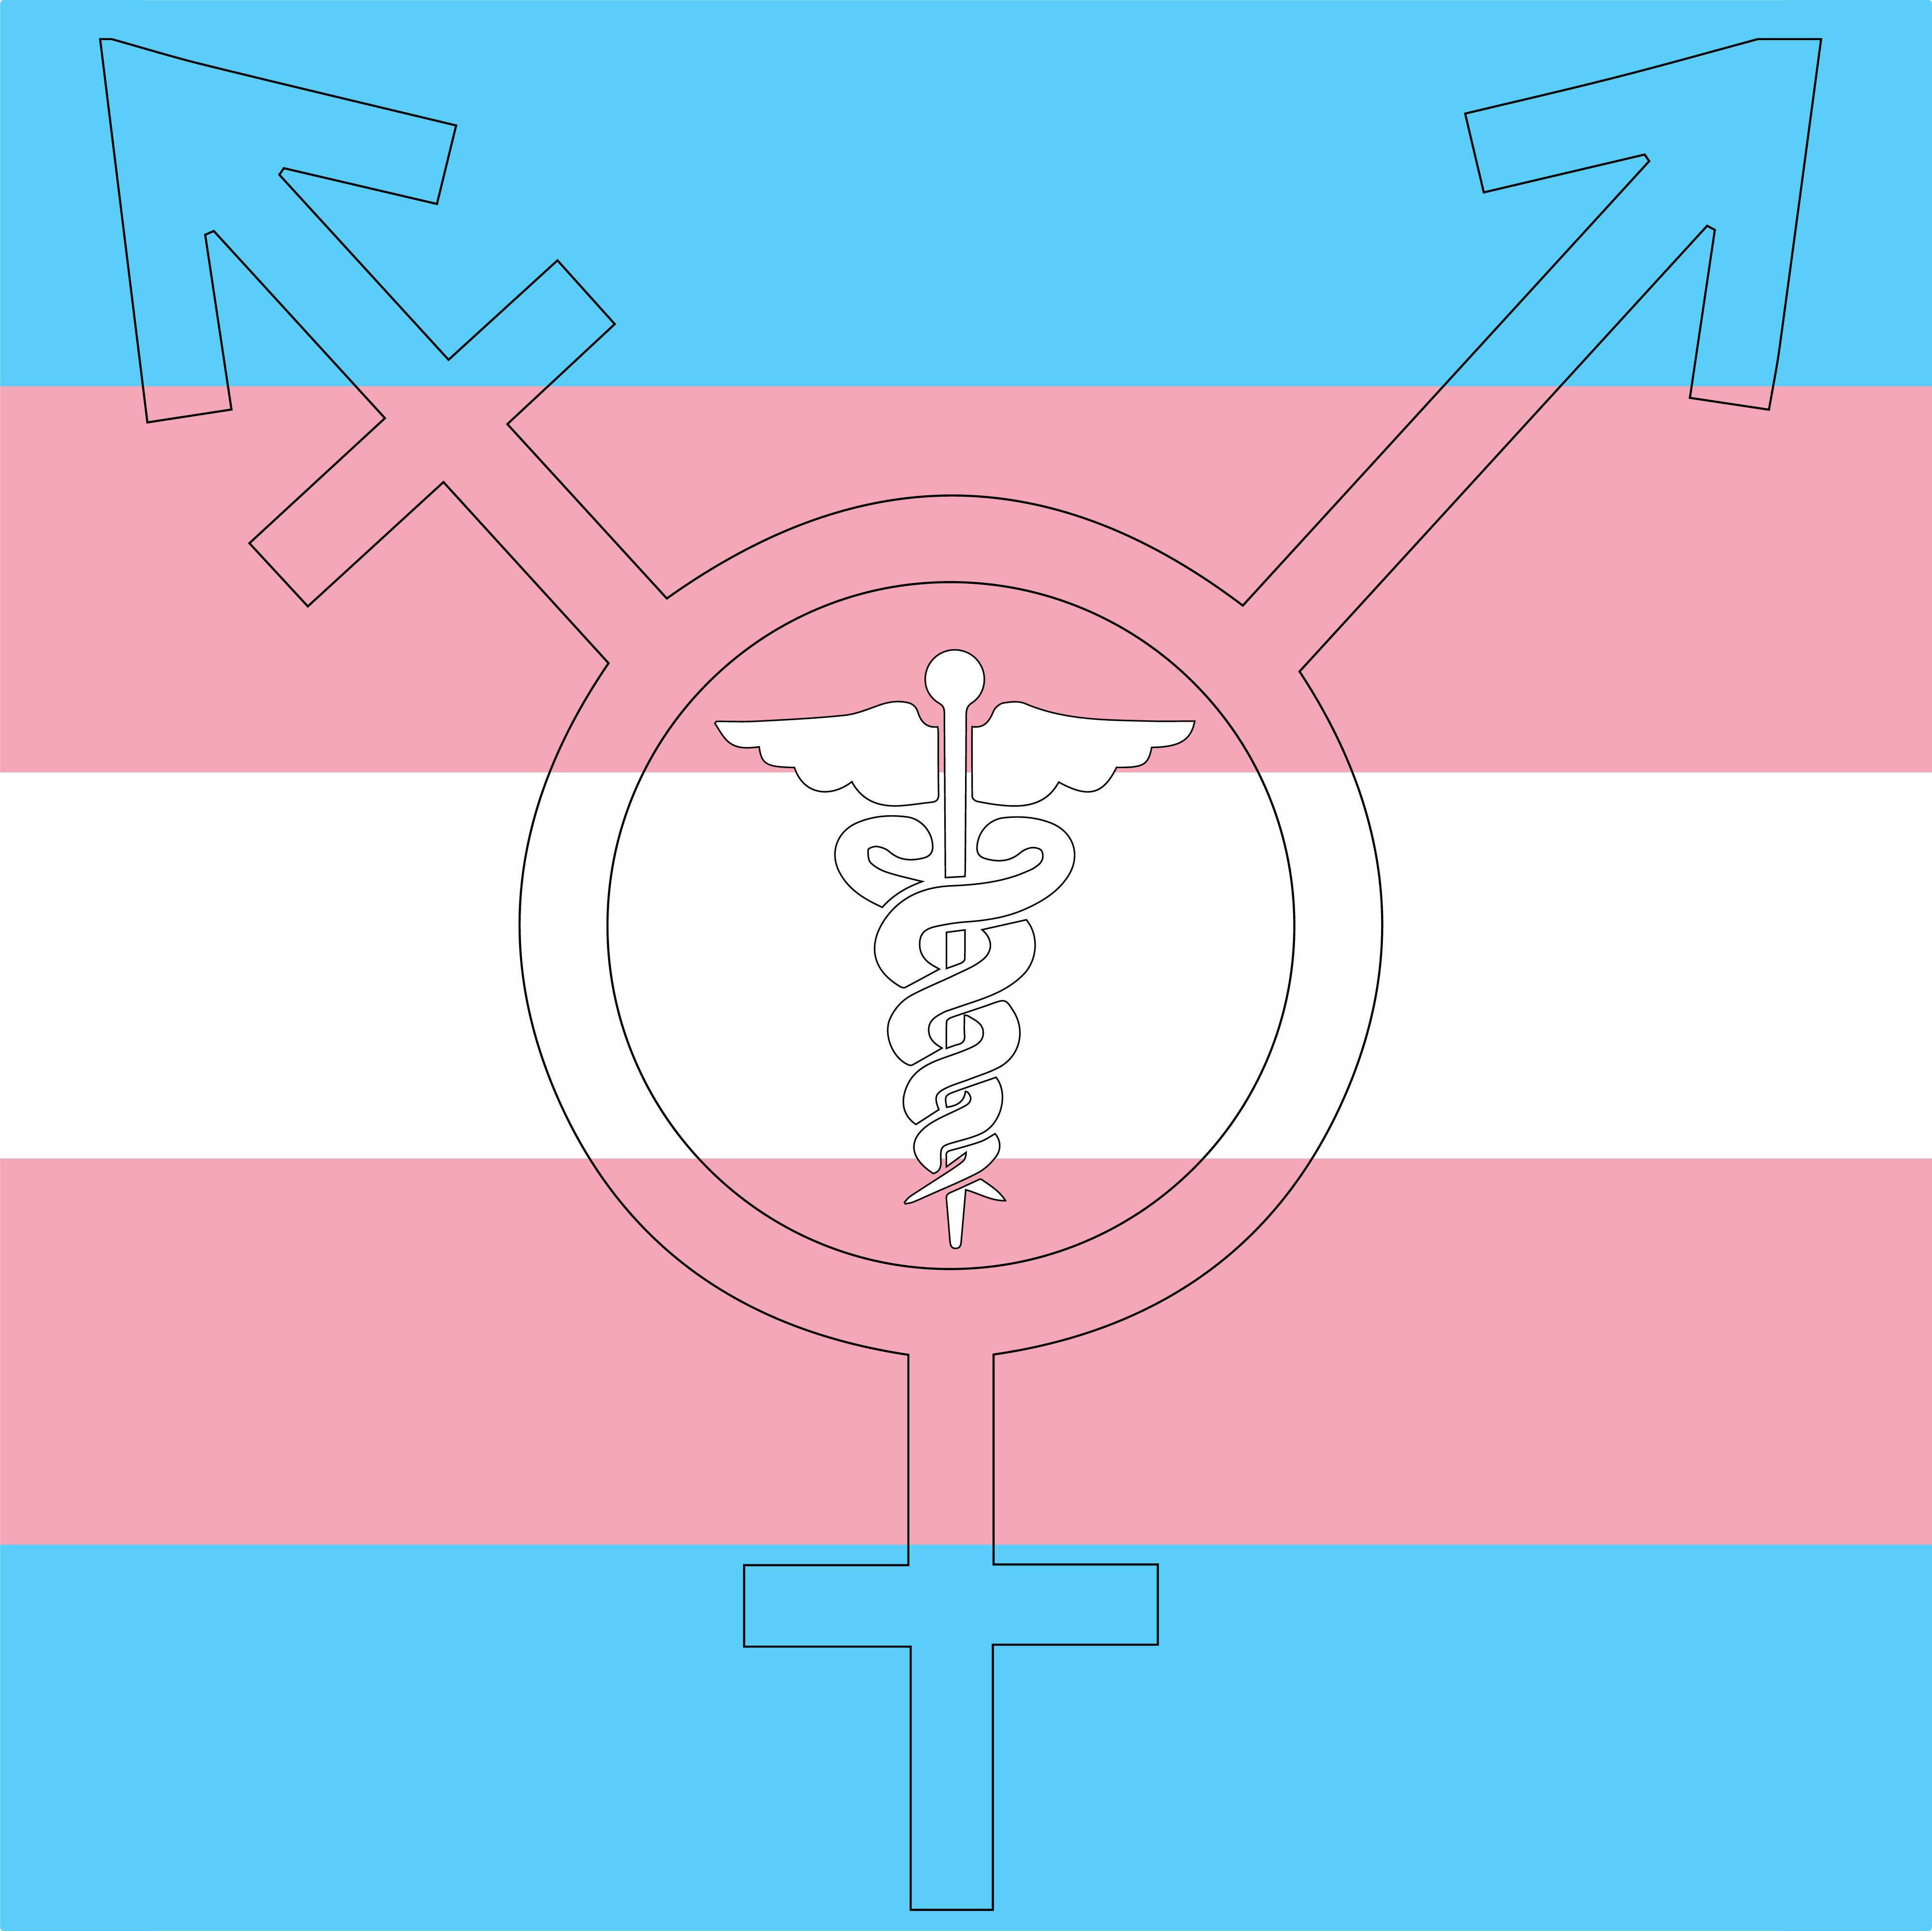 تغییر رویکرد  طبقه بندی سازمان بهداشت جهانی درباره ی افراد تراجنسیتی ( ترنس سکشوال) درگذر زمان